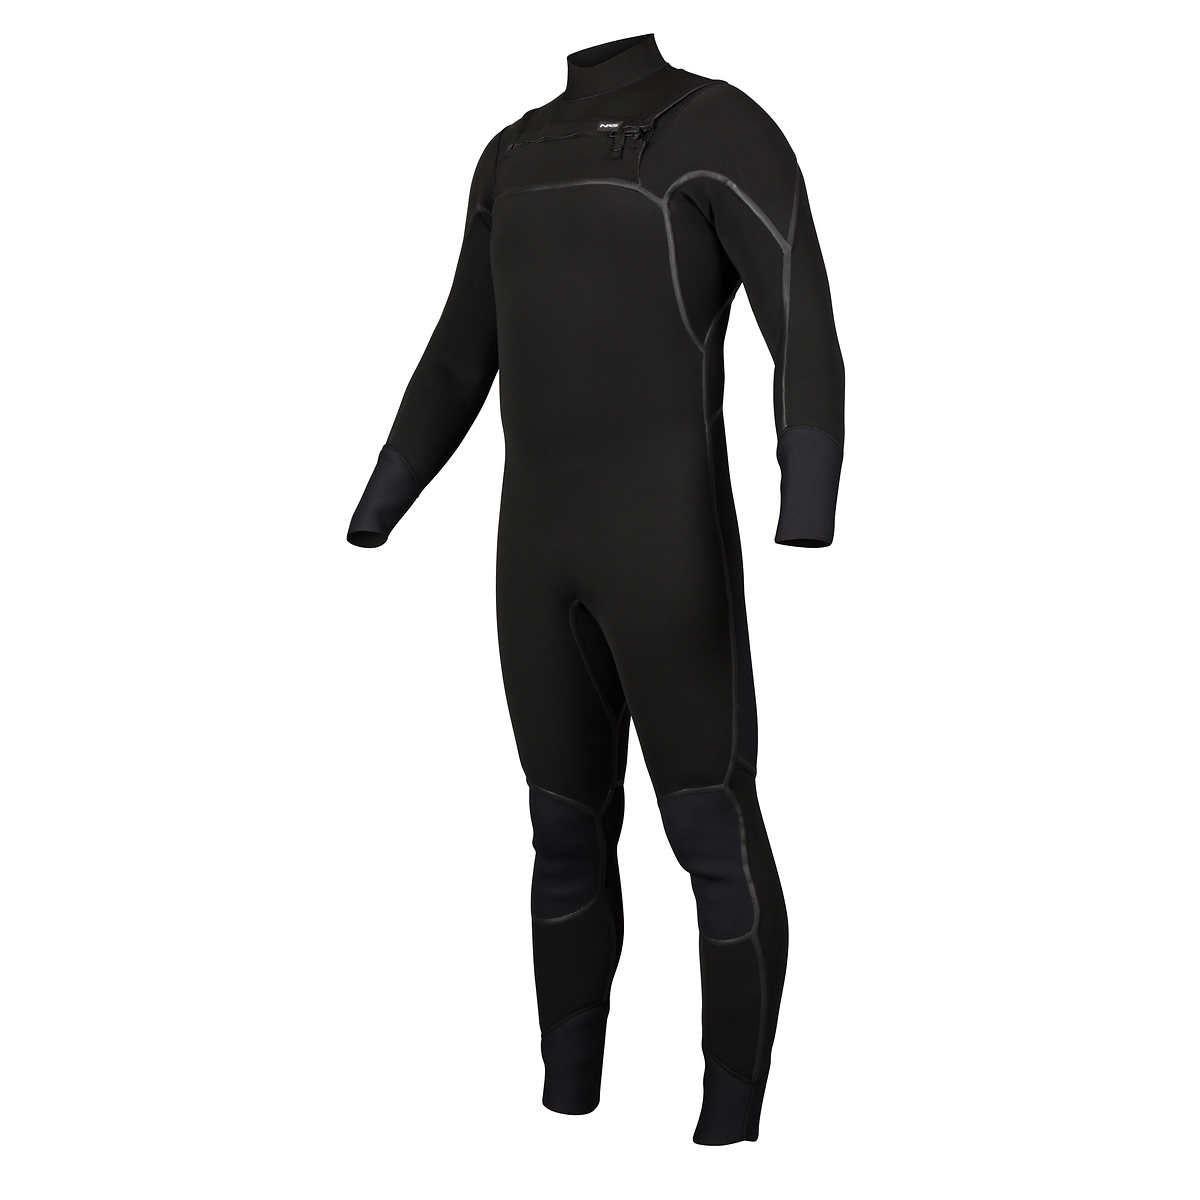 photo: NRS Radiant 4/3 Wetsuit wet suit